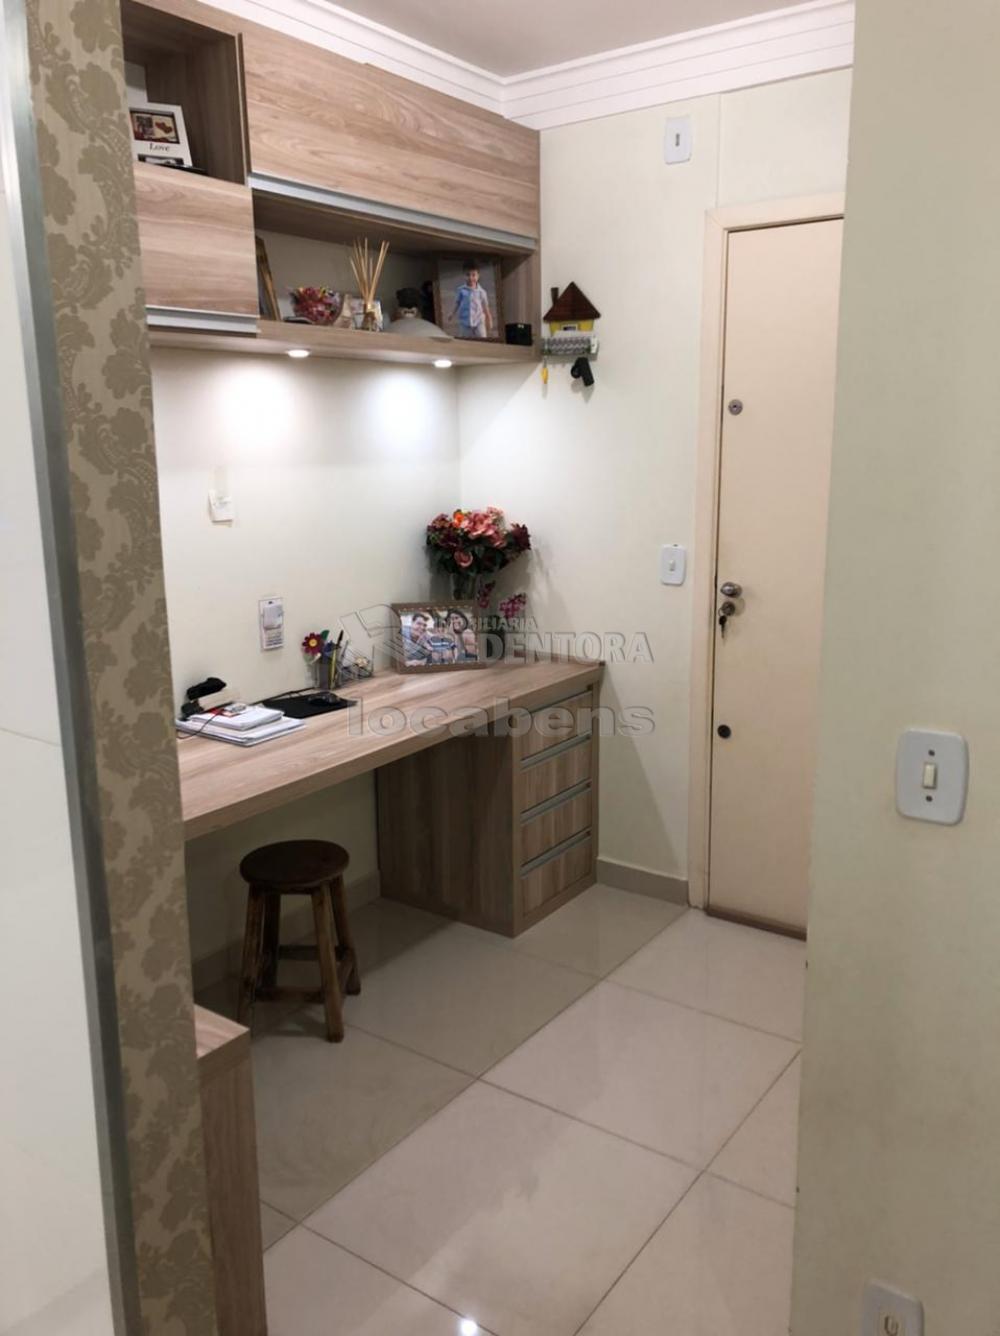 Comprar Apartamento / Padrão em São José do Rio Preto apenas R$ 270.000,00 - Foto 2